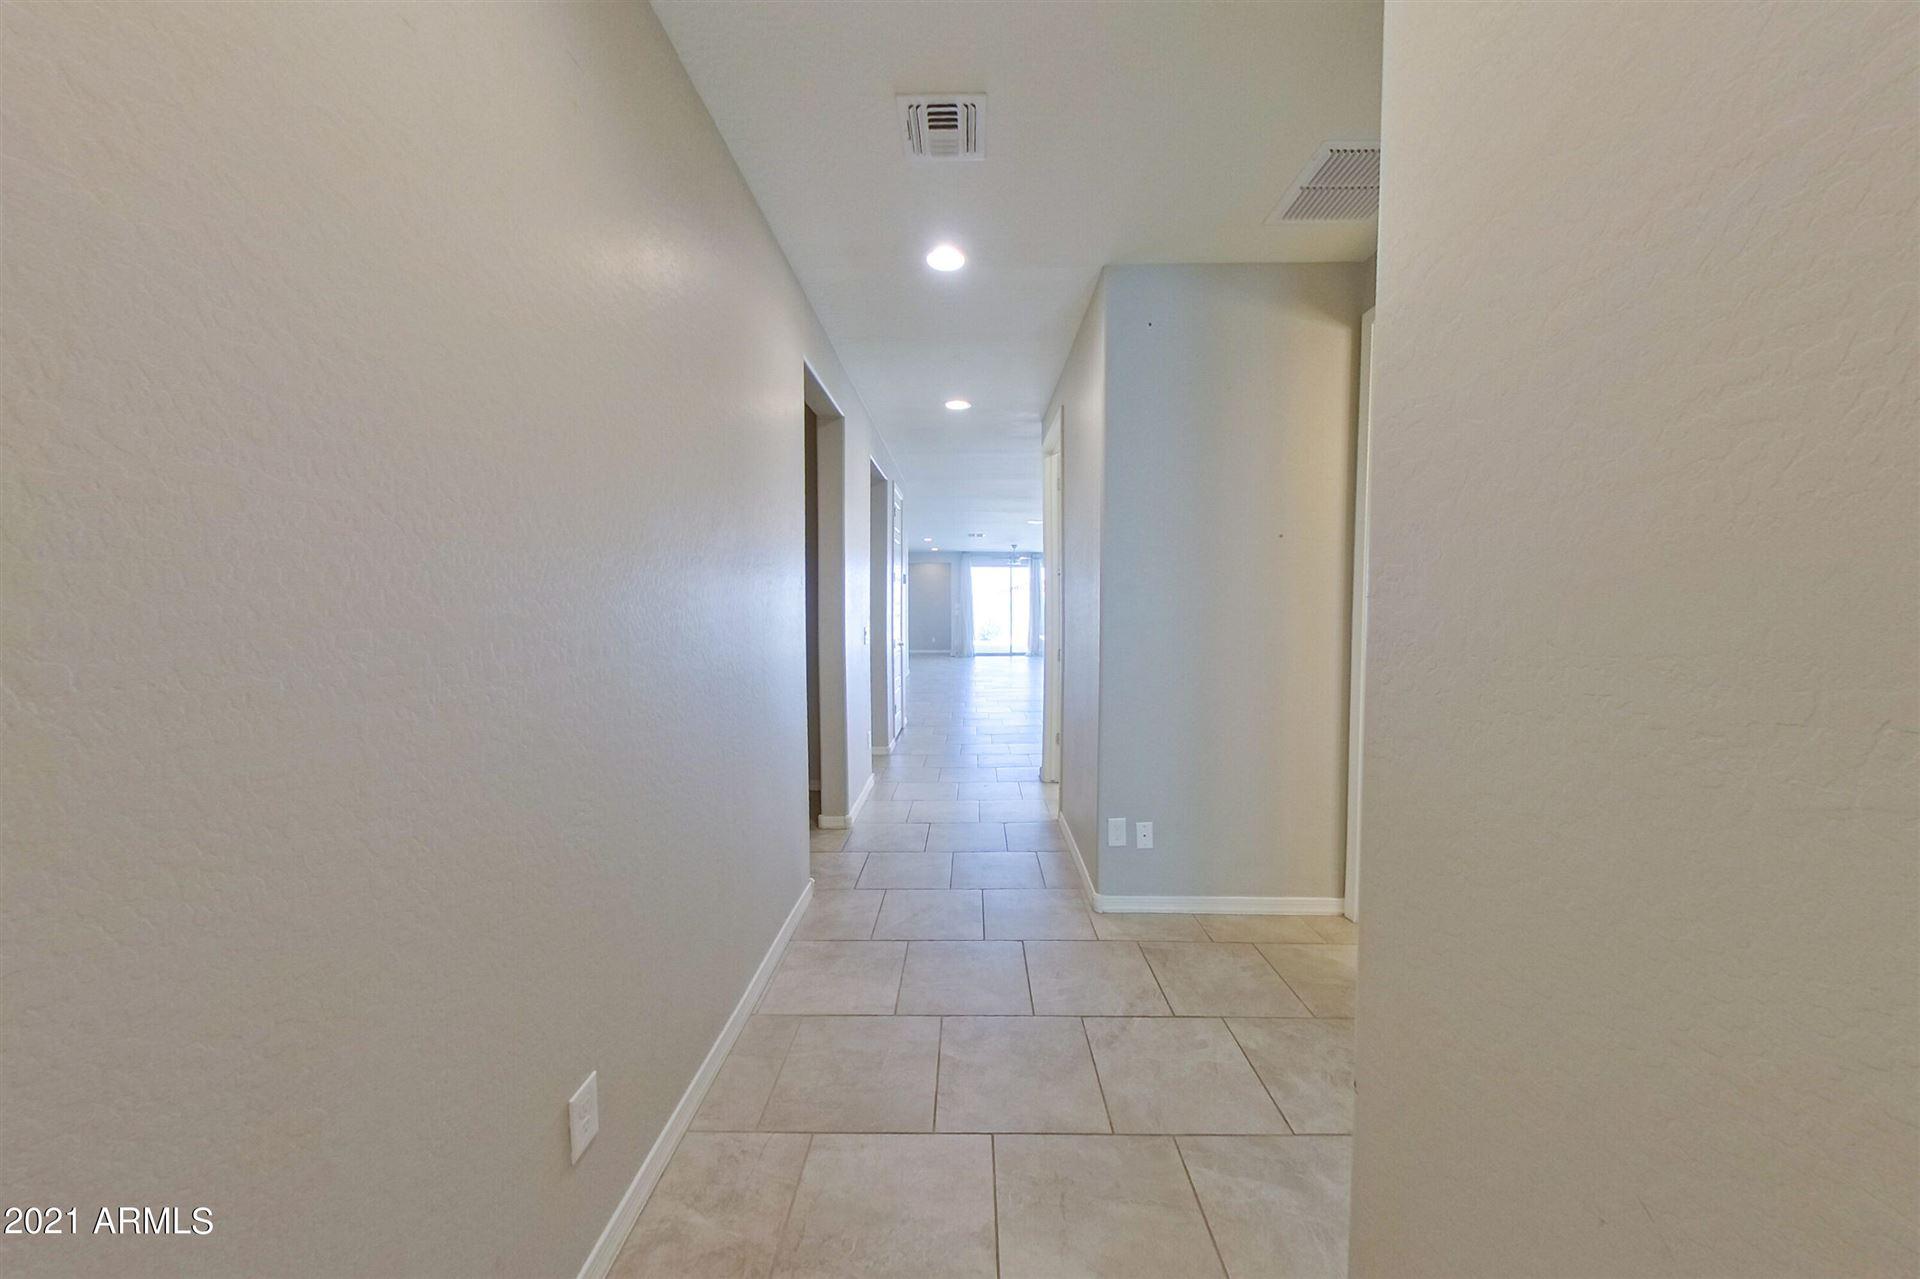 Photo of 5205 N 187TH Lane, Litchfield Park, AZ 85340 (MLS # 6309883)